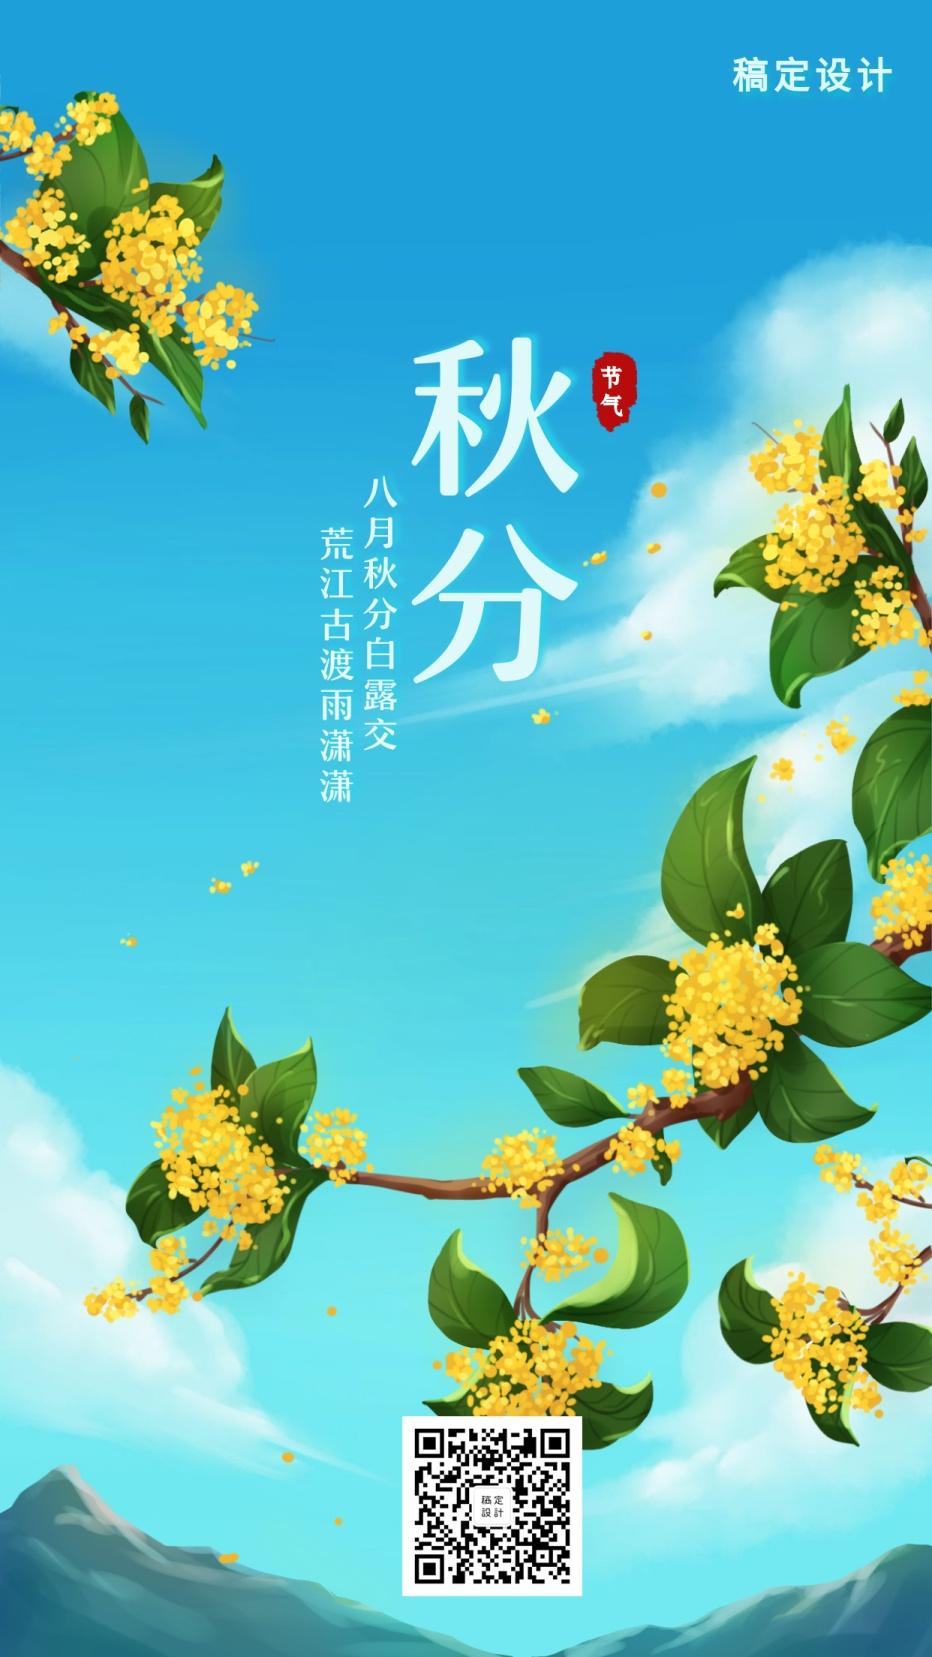 白露/插画/手机海报